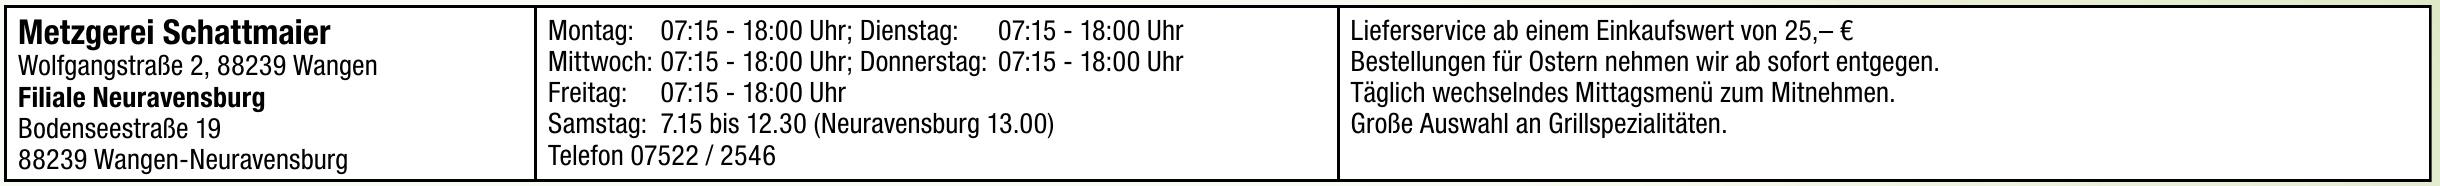 Metzgerei Schattmaier